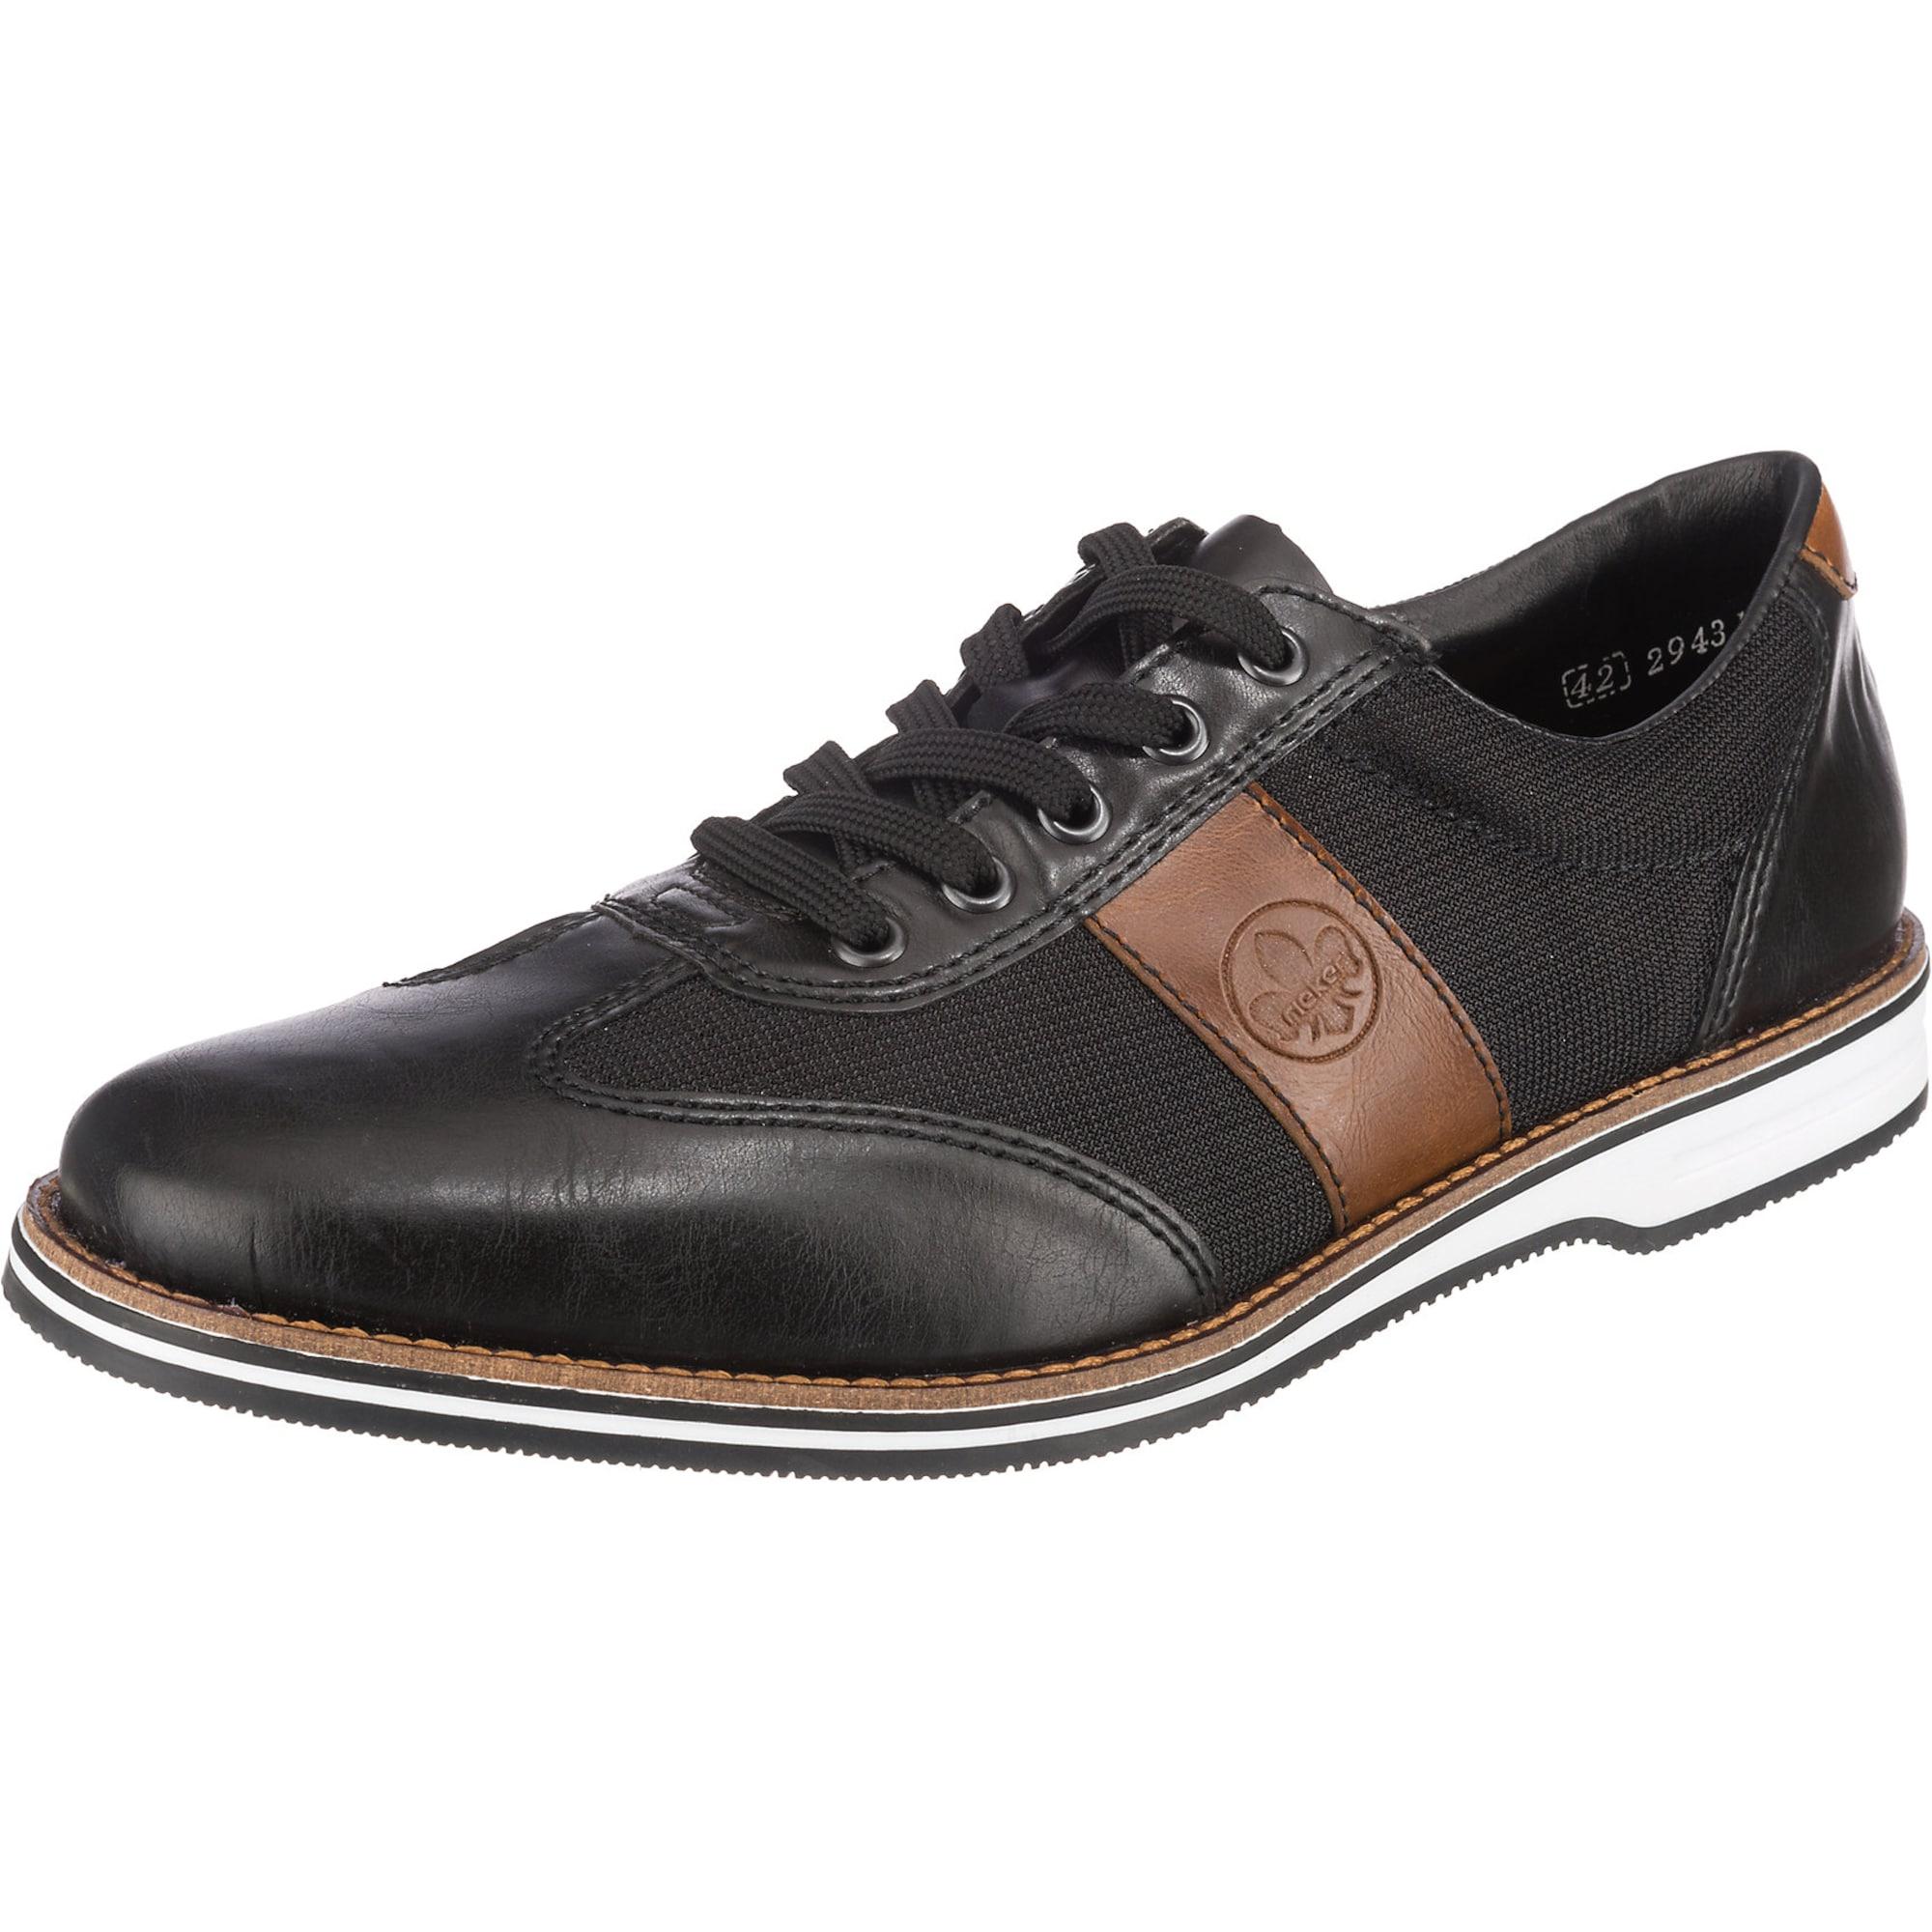 RIEKER Fűzős cipő  fekete / zerge